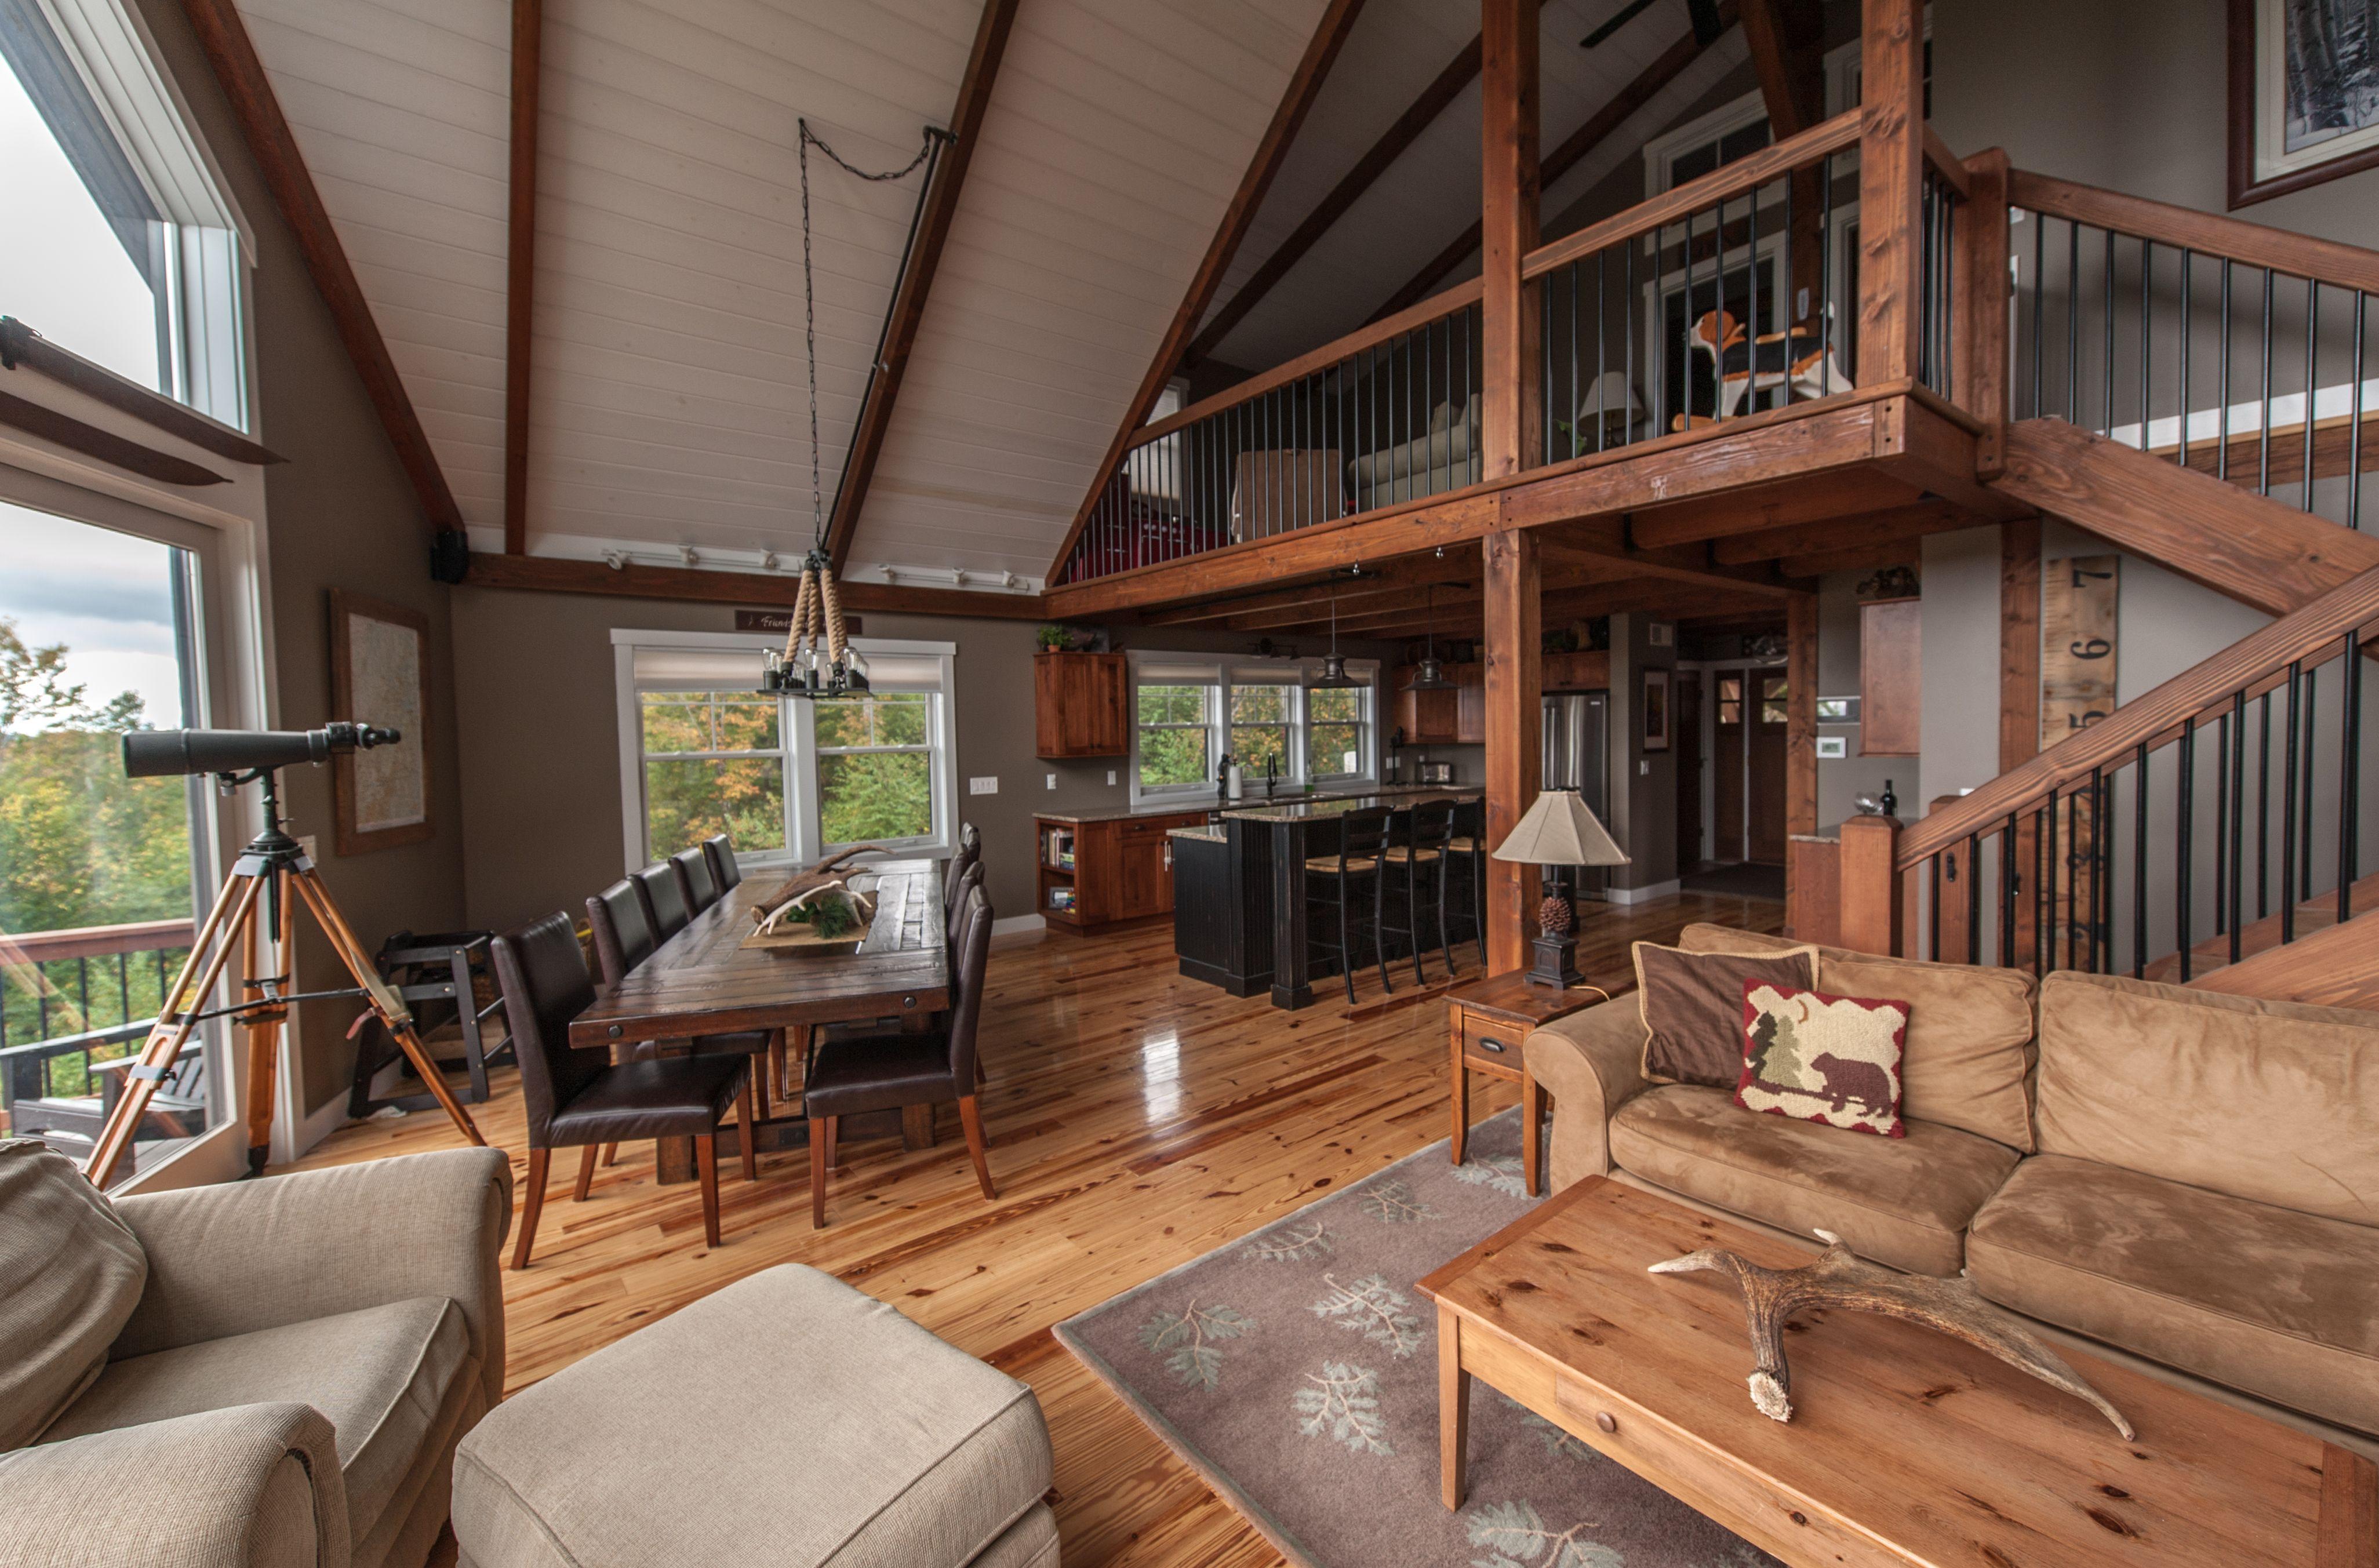 pole barn home interior photos Morton Pole Barn Houses http